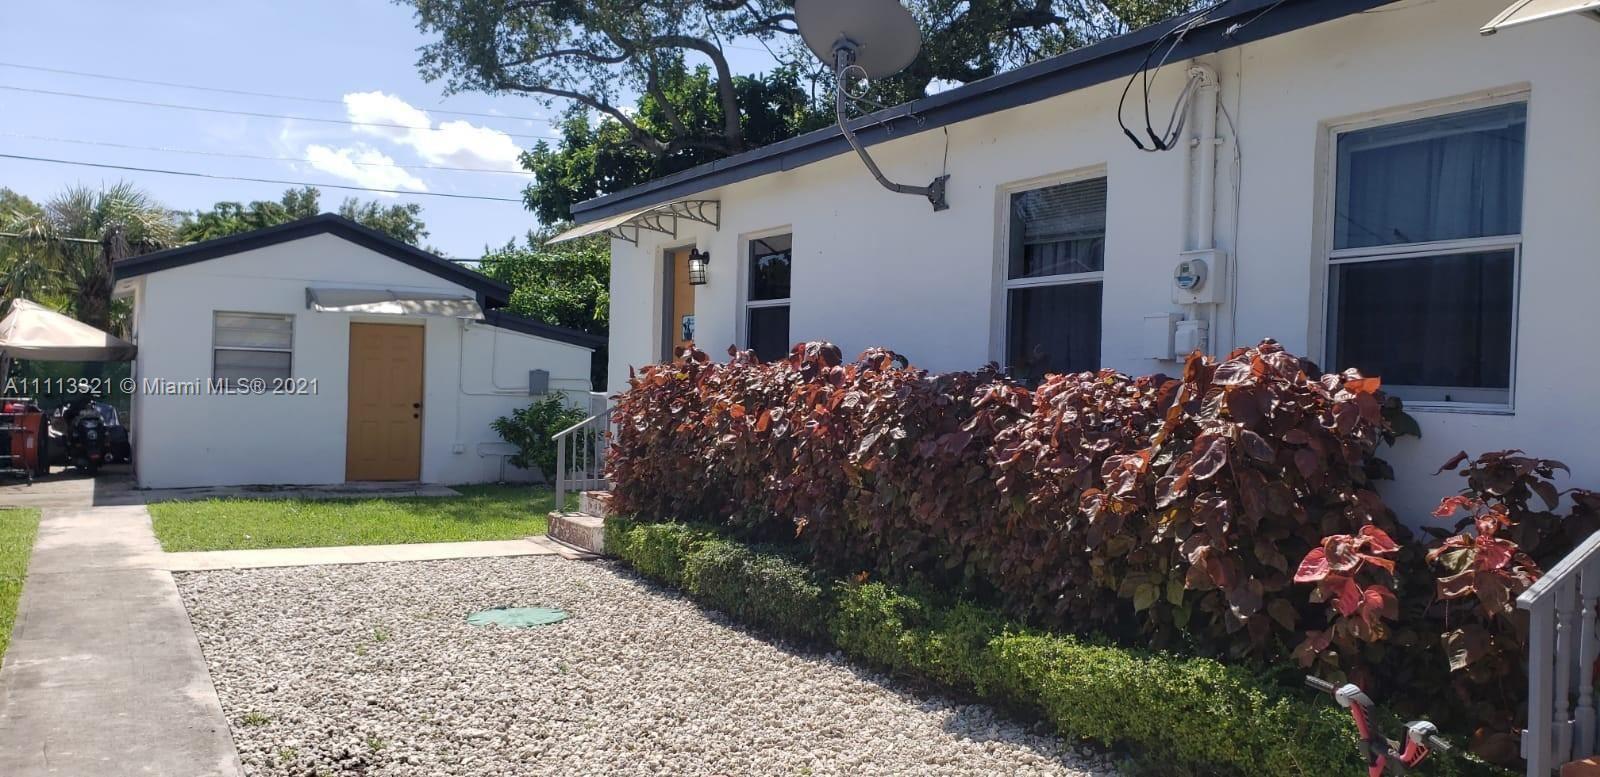 6334 SW 35th St, Miami, FL 33155 - #: A11113321